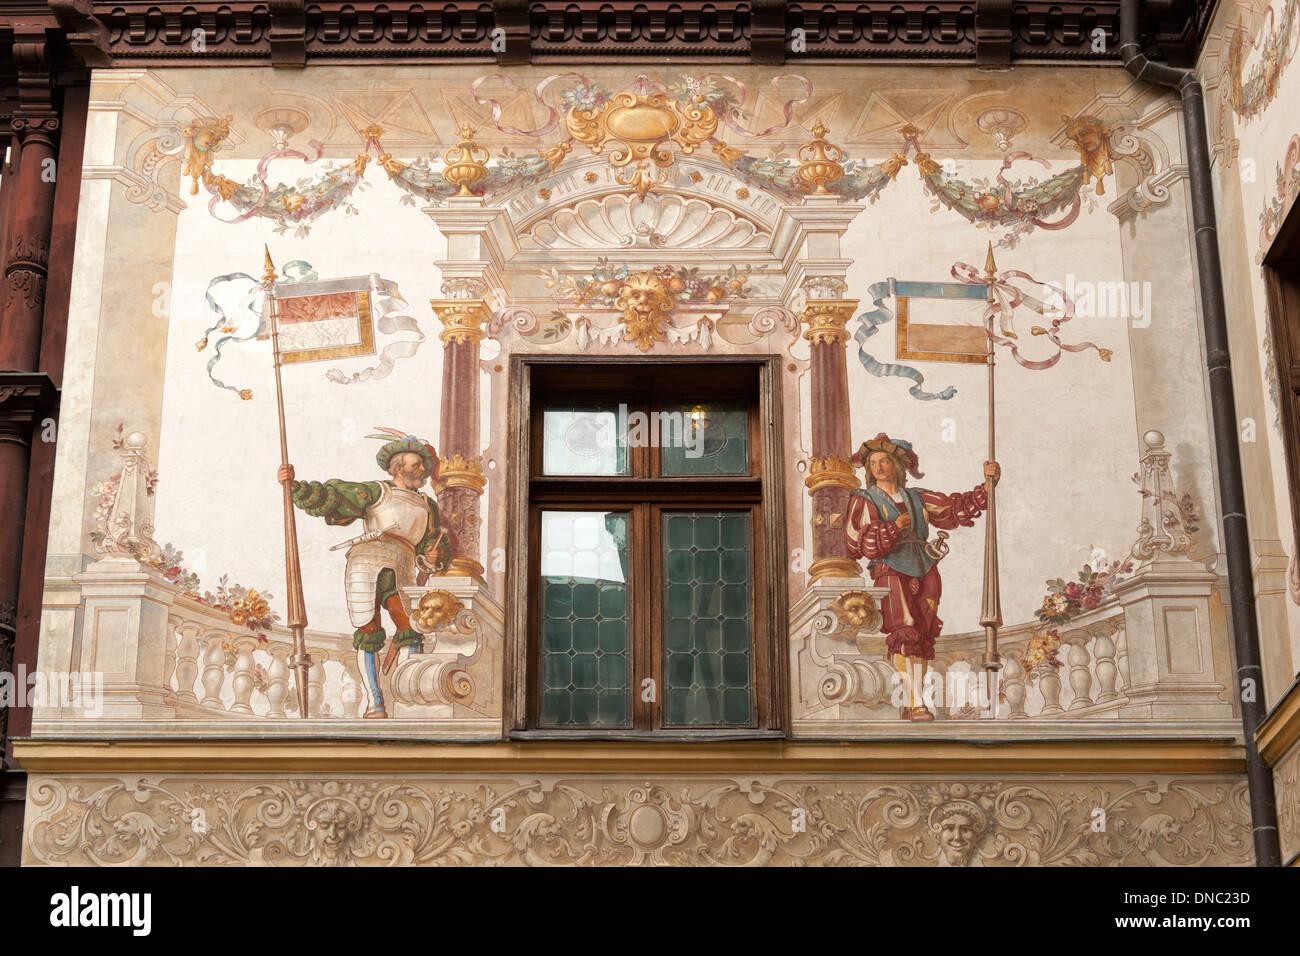 Mural y detalle arquitectónico en el patio del castillo de Peleș en Sinaia en la región Transilvania de Rumania central. Imagen De Stock